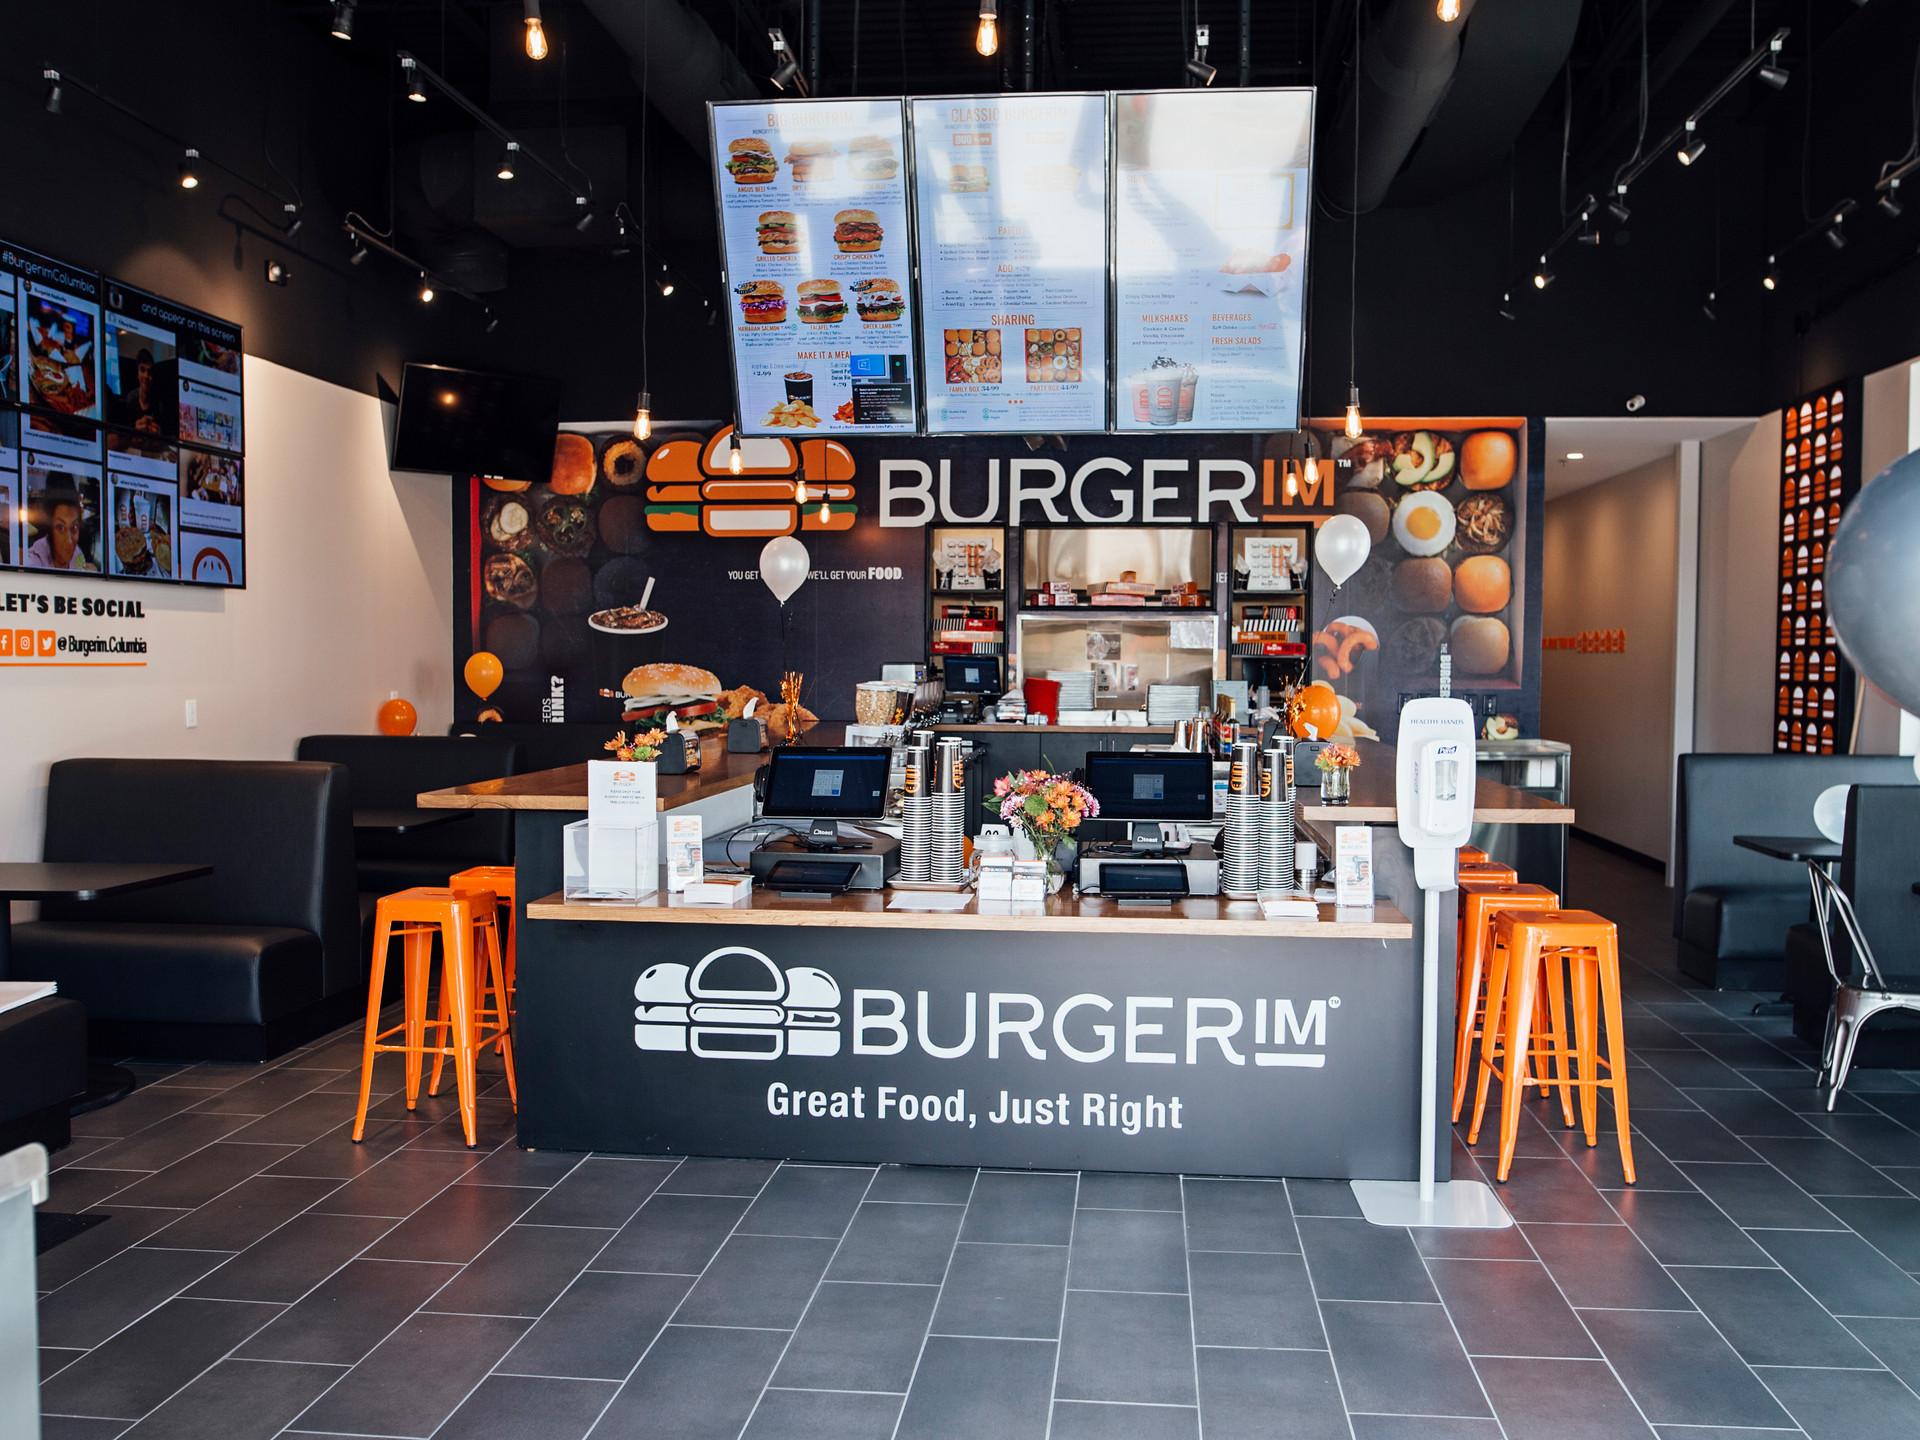 BurgerIM - Columbia, SC